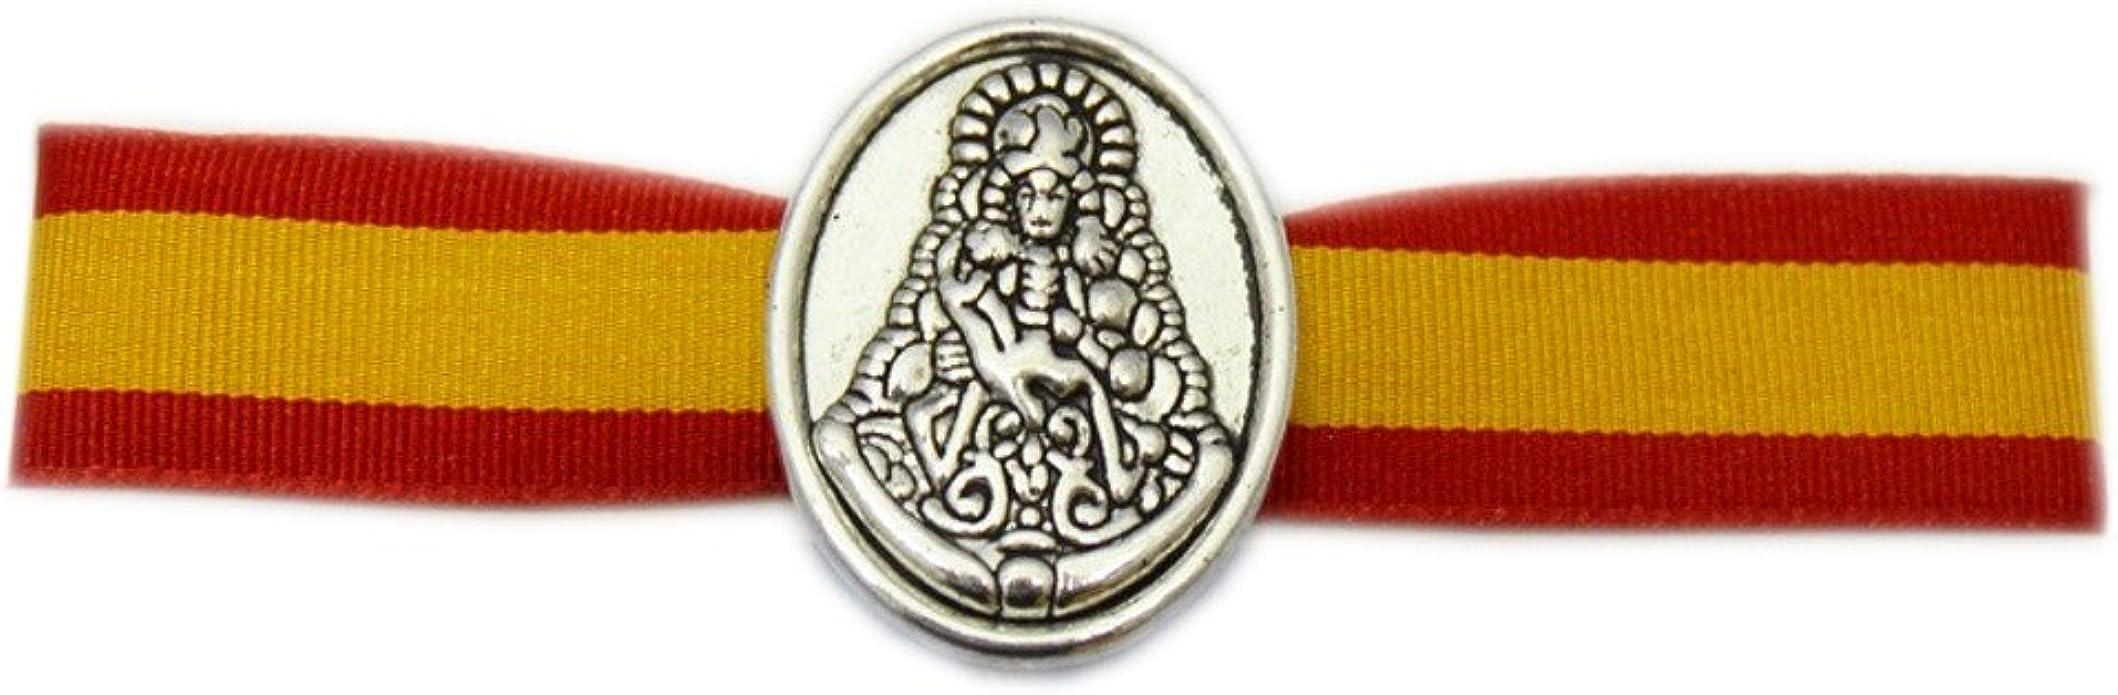 ALBERO Pulsera Virgen del Rocio Tela Y ZAMACK ESPAÑA- 29 X 1,50 cm: Amazon.es: Joyería